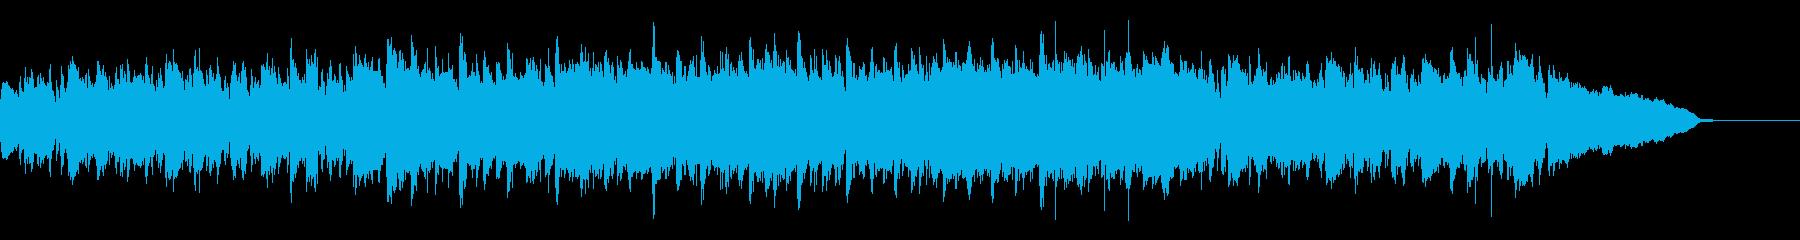 パワフルで情熱的なCM企業VP用ブルースの再生済みの波形